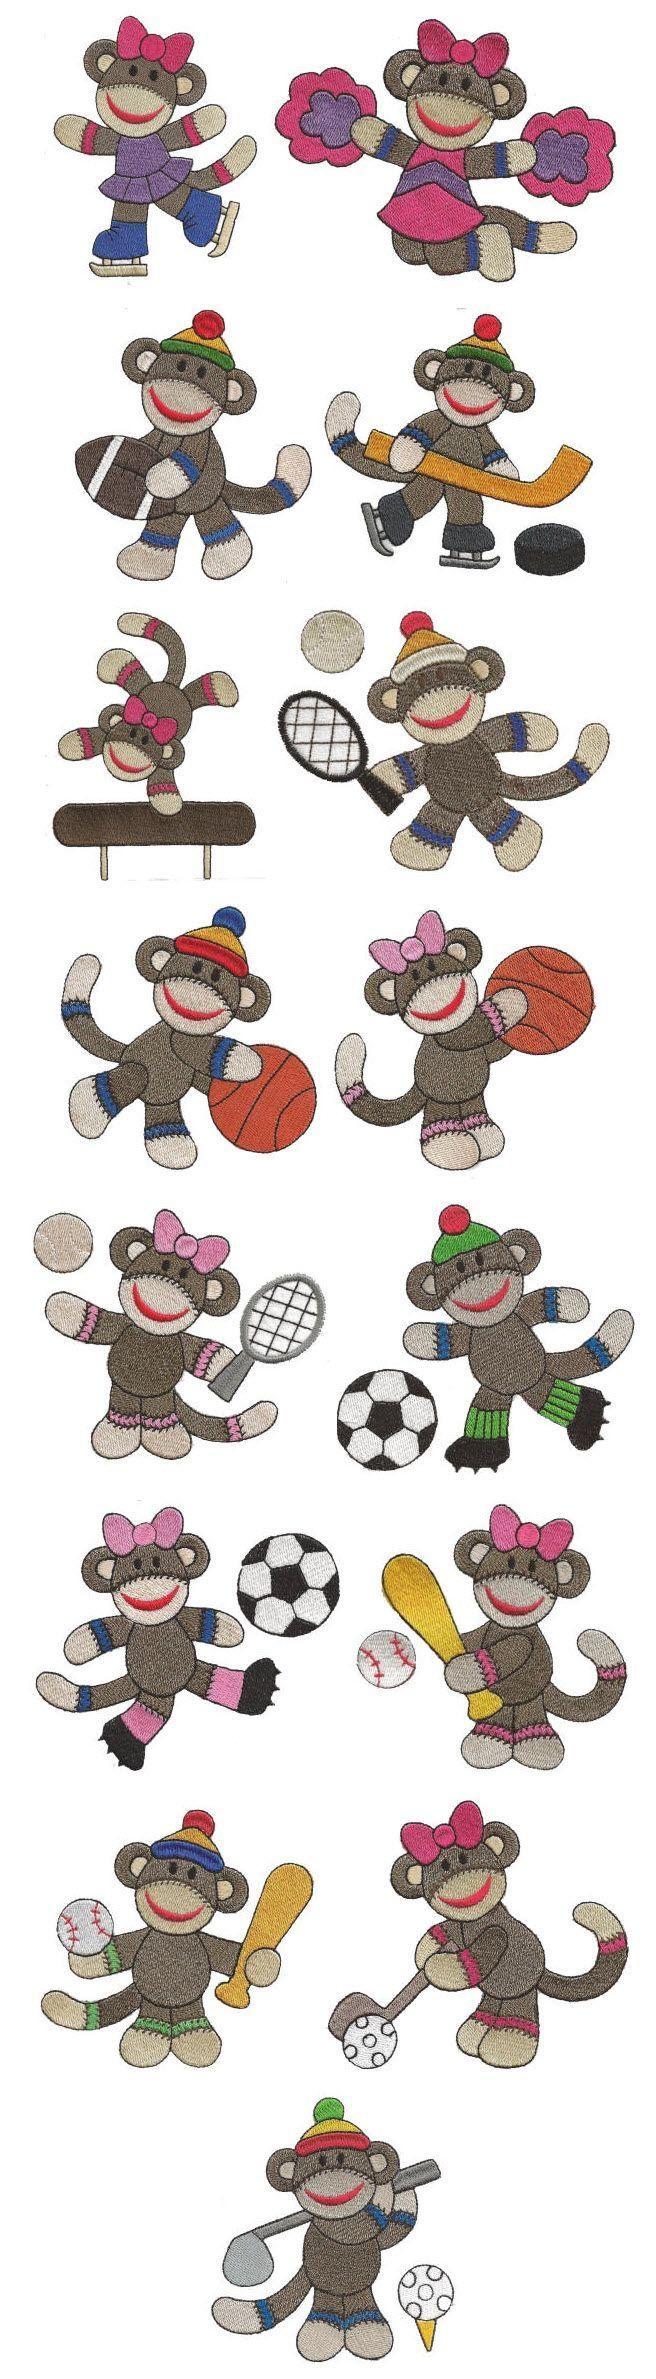 415 Best Sock Monkey Images On Pinterest | Sock Monkeys, Sock In Sock Monkey Wall Art (View 17 of 20)